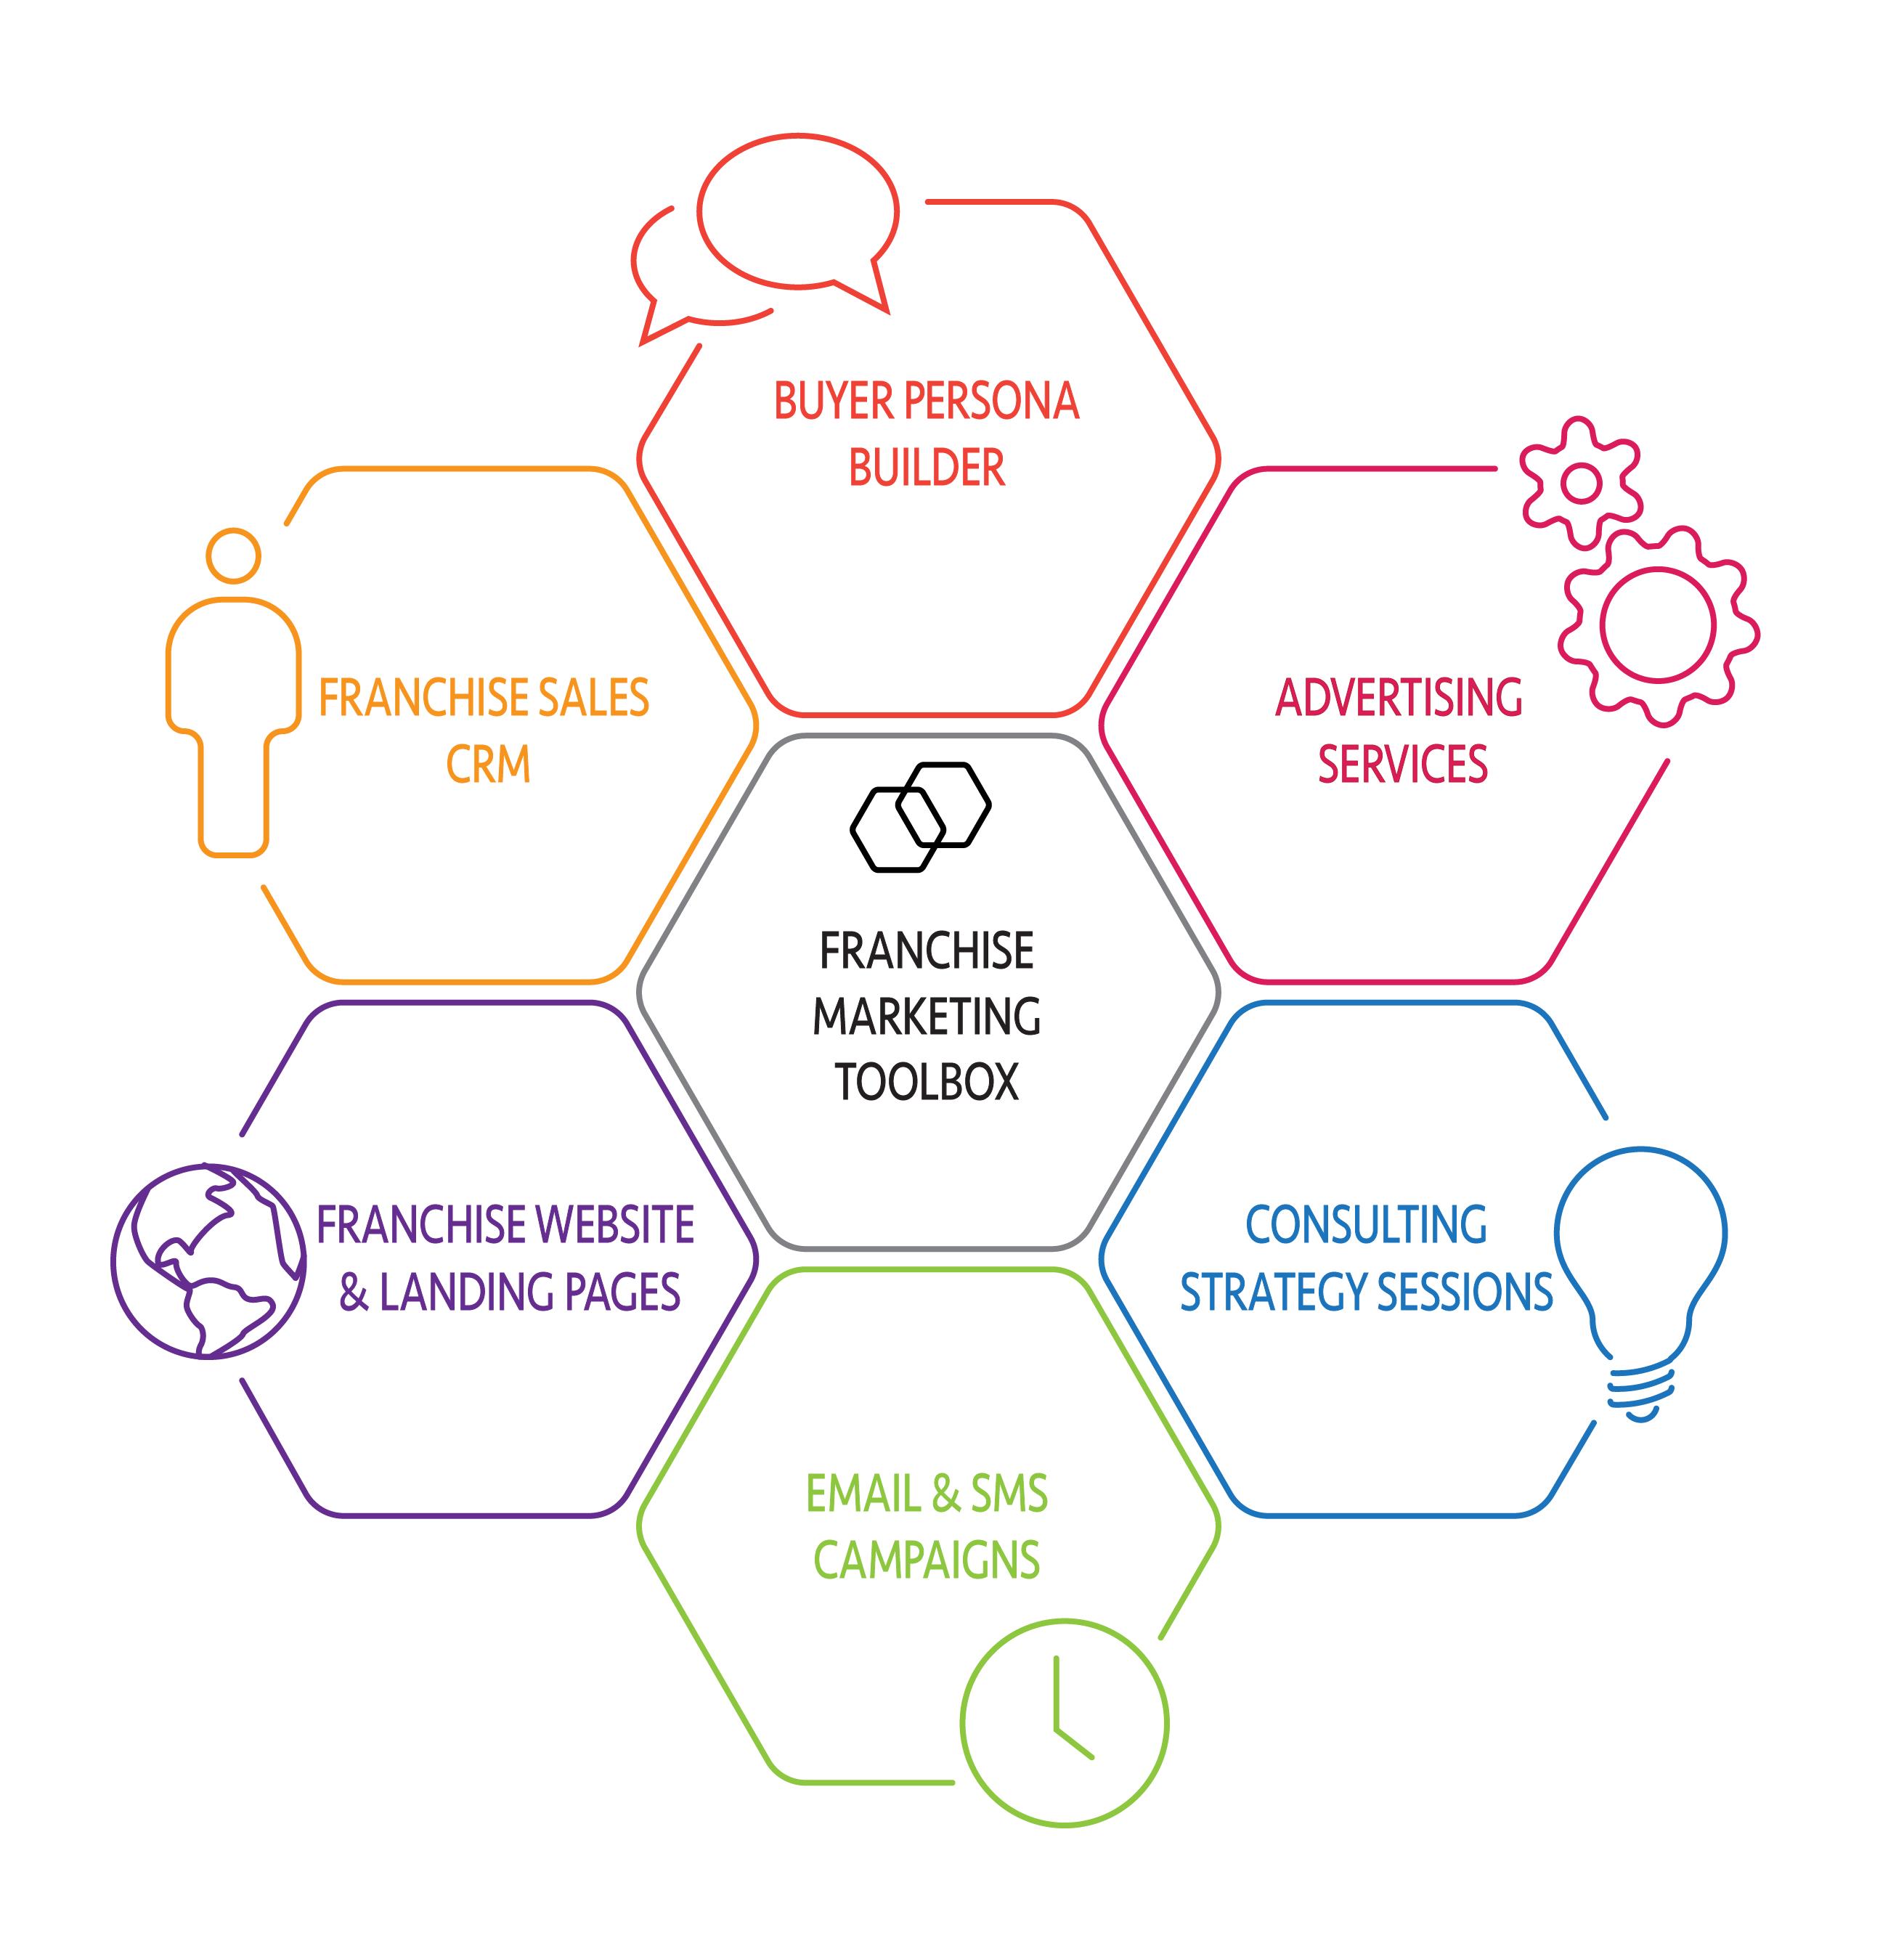 franchise marketing tools